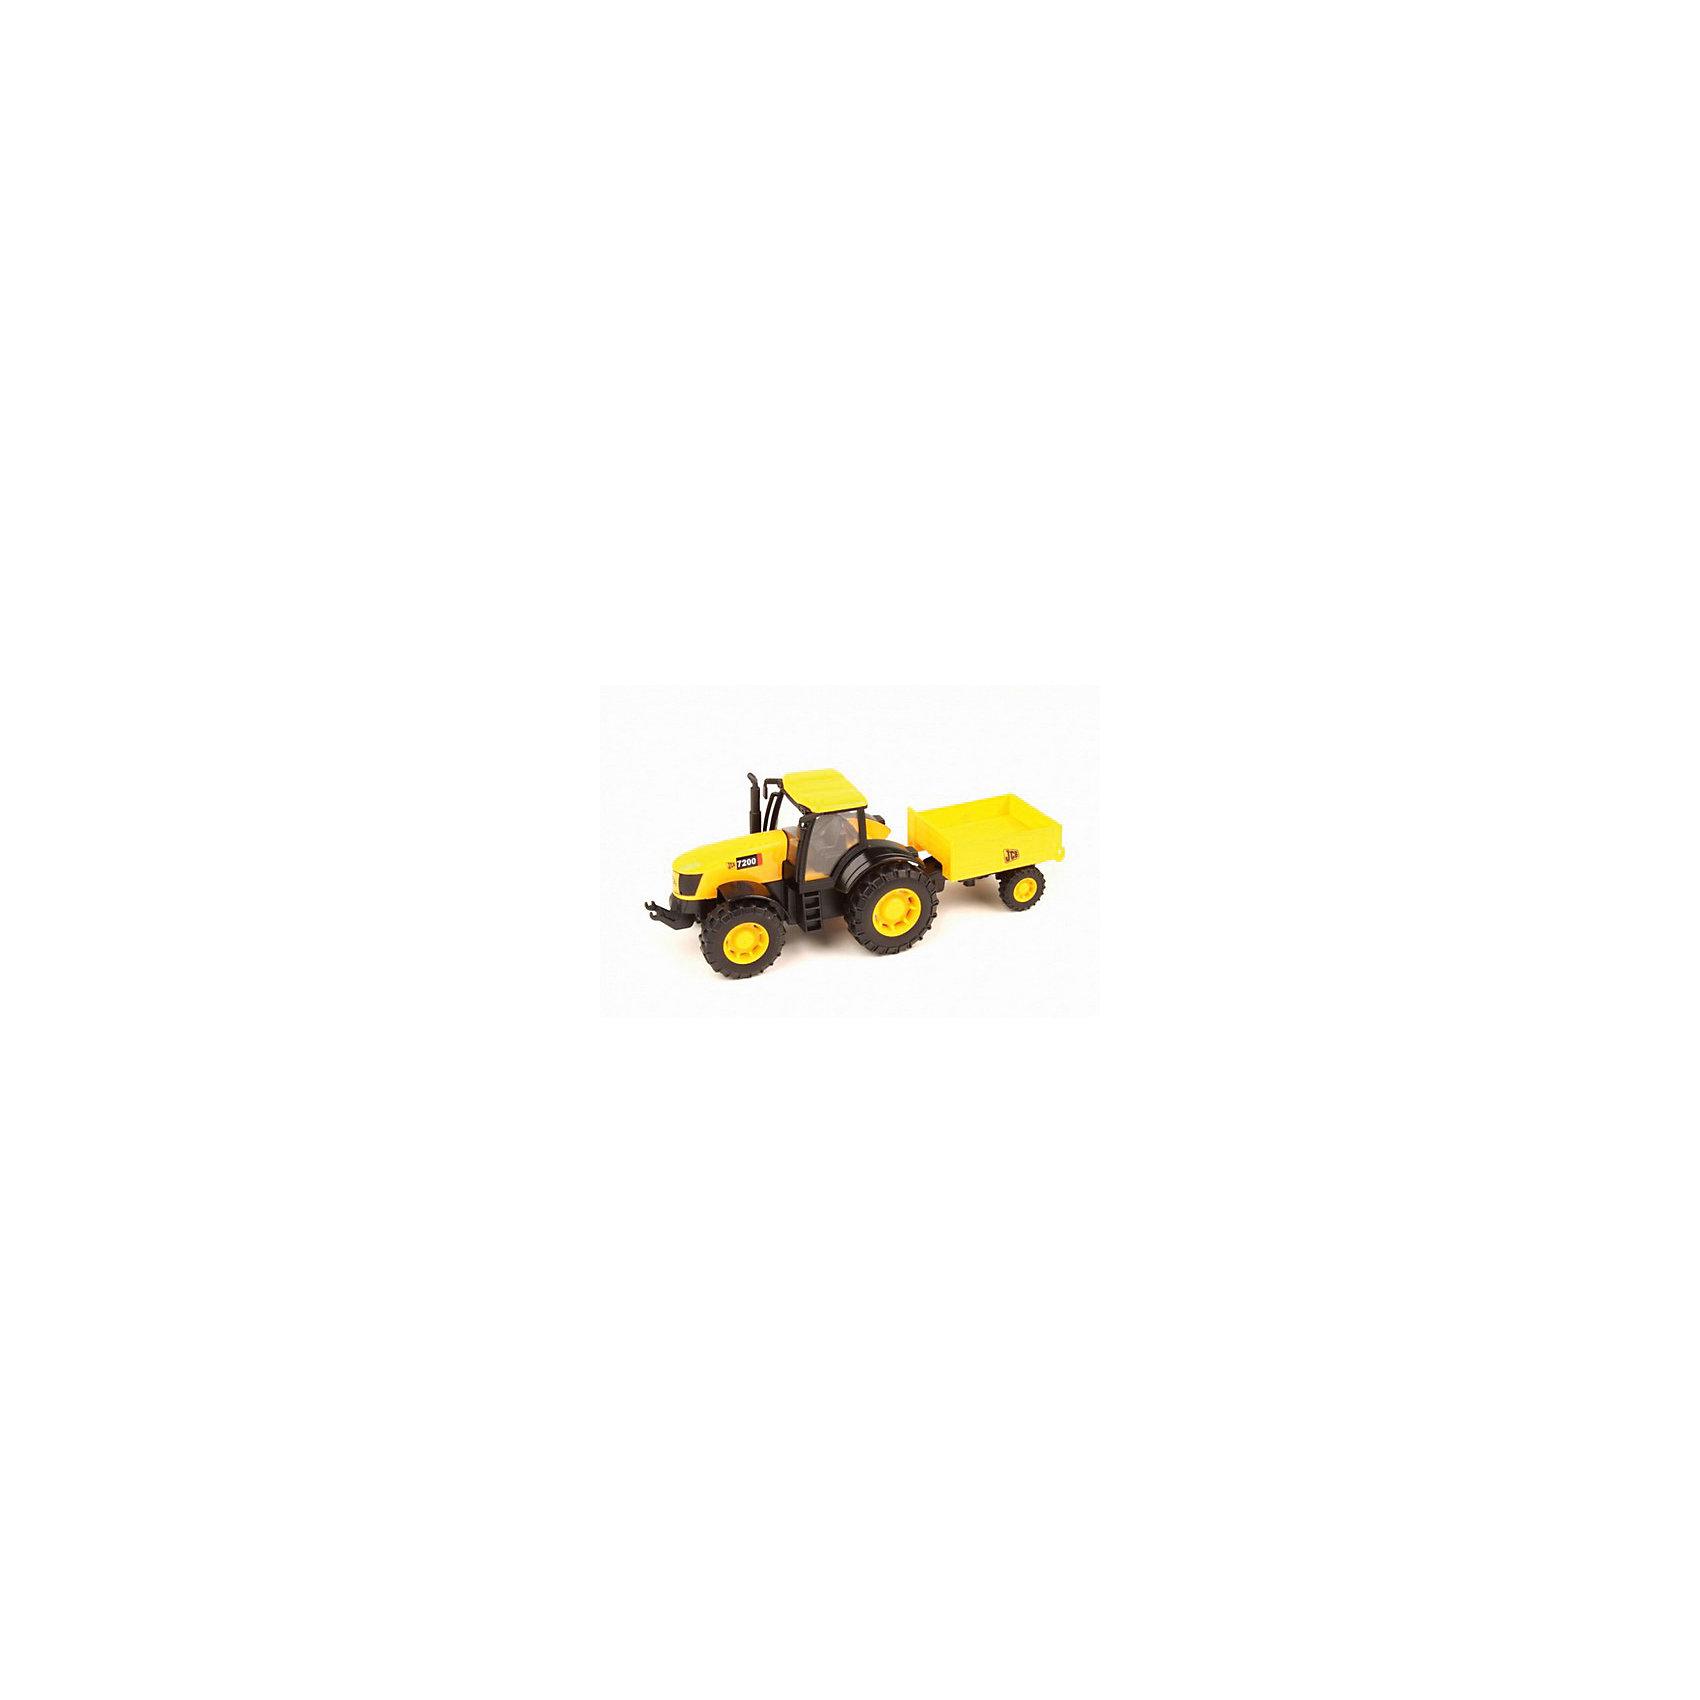 Трактор, JCBМашинки<br>Трактор, JCB - это уменьшенная модель настоящей строительной техники от компании JCB, выполненная в высоком качестве и с большим вниманием к деталям. В этой модели есть все основные функции, которыми обладает реальная машина. Трактор оснащен просторной застекленной кабиной с сиденьем водителя, спереди имеется фаркоп. Дополнительные детали, такие как лесенка в кабину, выхлопная труба, зеркало заднего вида, придают машине особую реалистичность. Прицеп сзади можно заполнять песком или мелкими предметам, что делает игрушку особенно интересной для игр на улице. Мощные прорезиненные колеса обеспечивают прочное сцепление с поверхностью и уберегает напольное покрытие от царапин. Игрушка изготовлена из высококачественной прочной пластмассы, ребенок сможет ещё дольше играть с ней, не боясь поломок.<br><br>Дополнительная информация:<br><br>- Материал: высококачественный пластик.<br>- Масштаб 1:32.<br>- Размер игрушки: 17,5 х 6 х 7 см.<br>- Размер упаковки: 21,2 x 9,2 x 8 см.<br>- Вес: 0,221 кг.<br><br>Трактор, JCB, можно купить в нашем интернет-магазине.<br><br>Ширина мм: 175<br>Глубина мм: 60<br>Высота мм: 70<br>Вес г: 221<br>Возраст от месяцев: 36<br>Возраст до месяцев: 96<br>Пол: Мужской<br>Возраст: Детский<br>SKU: 4244444